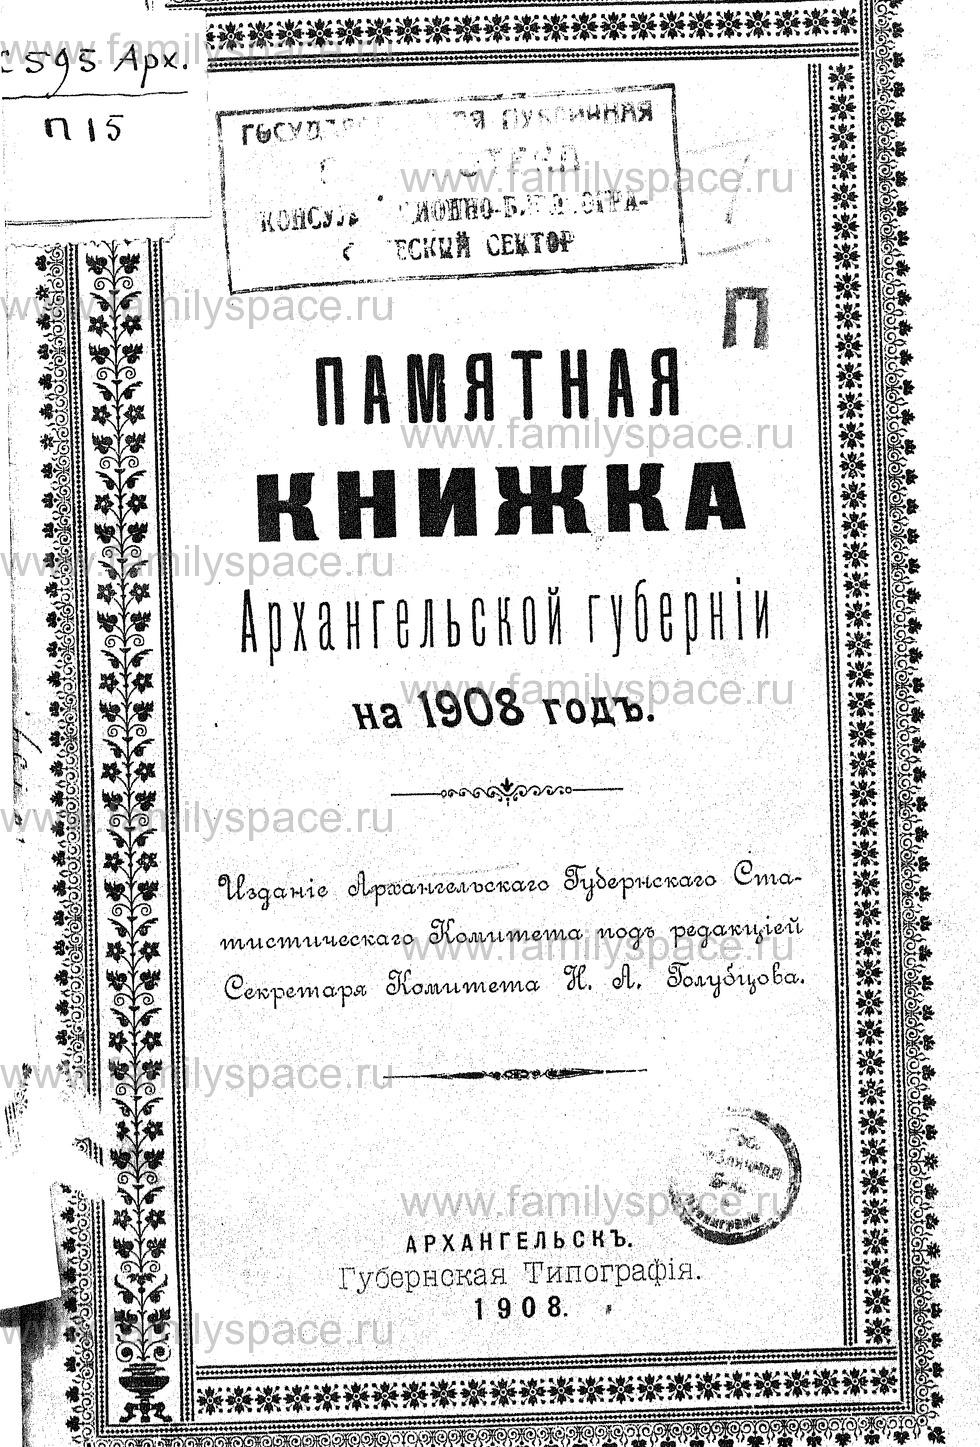 Поиск по фамилии - Памятная книжка Архангельской губернии на 1908 г, страница 1